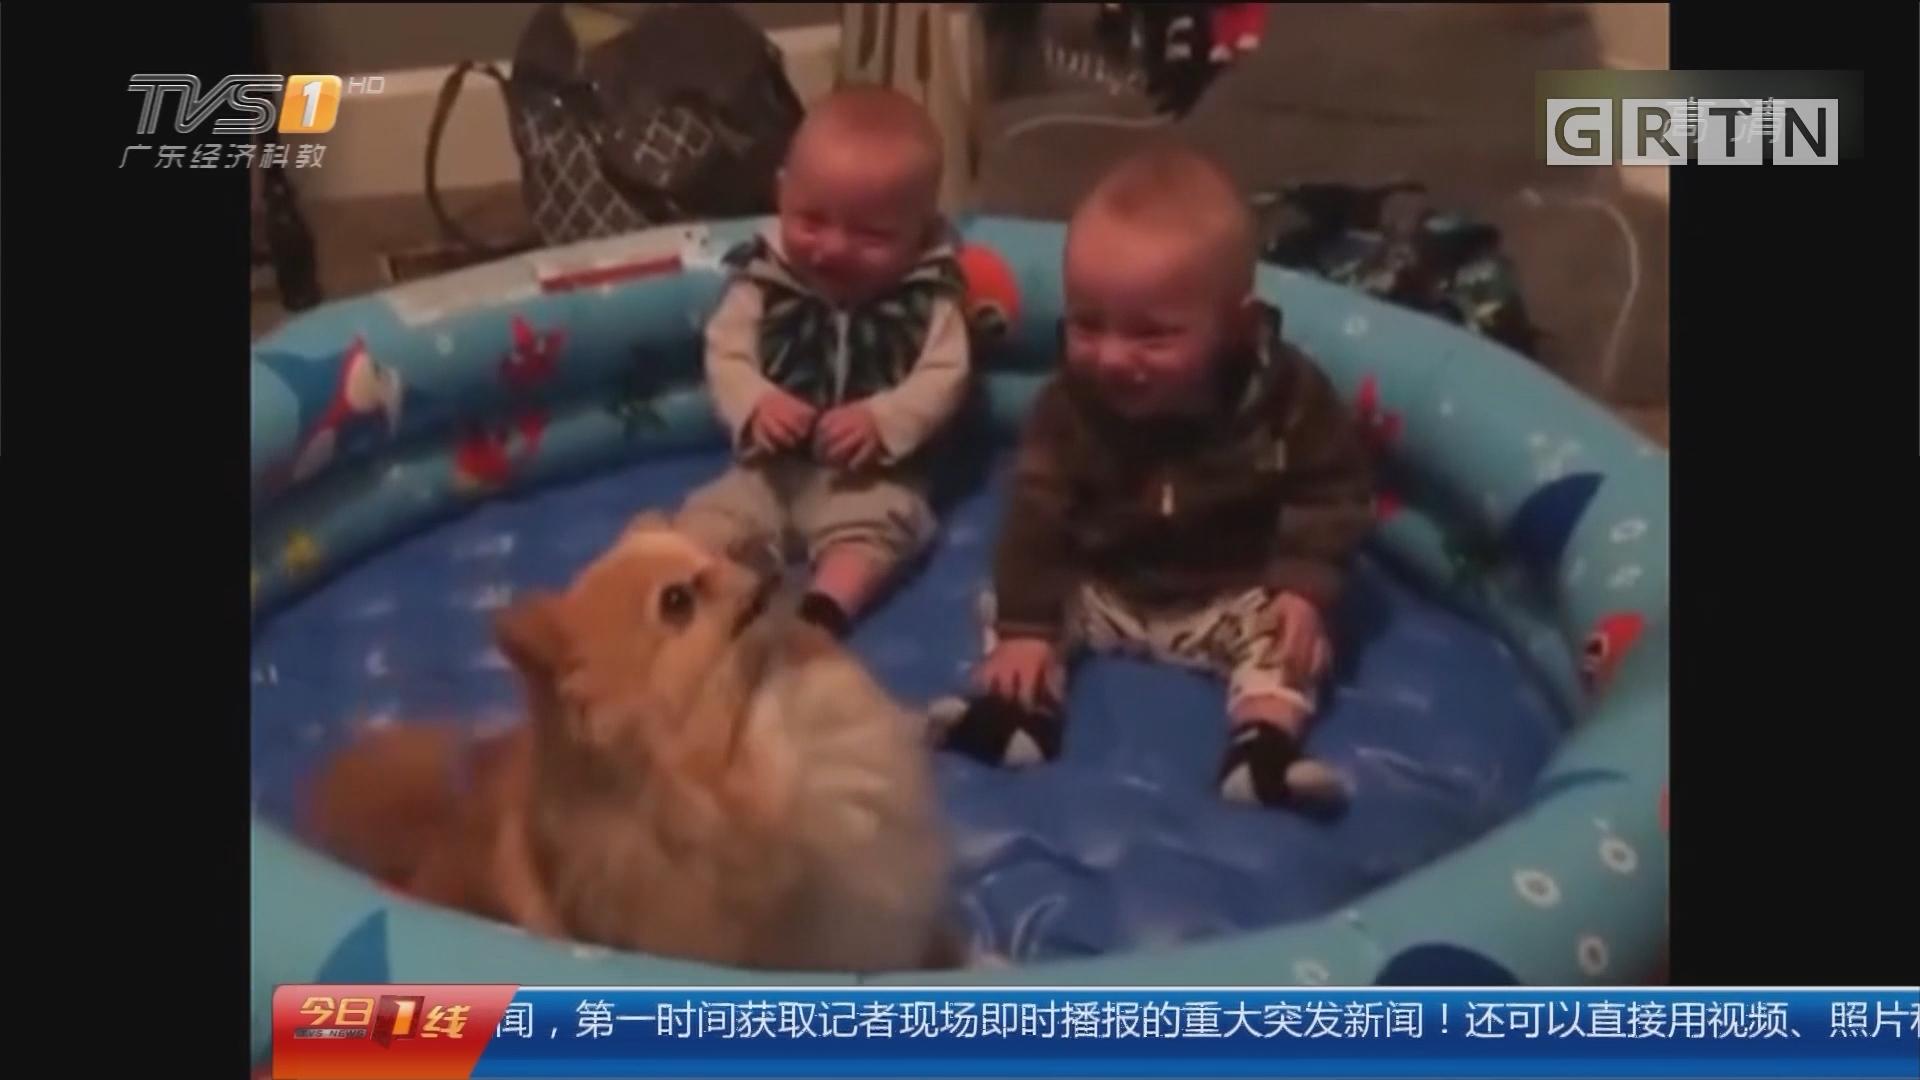 狗年大吉:我家狗狗爱跳舞